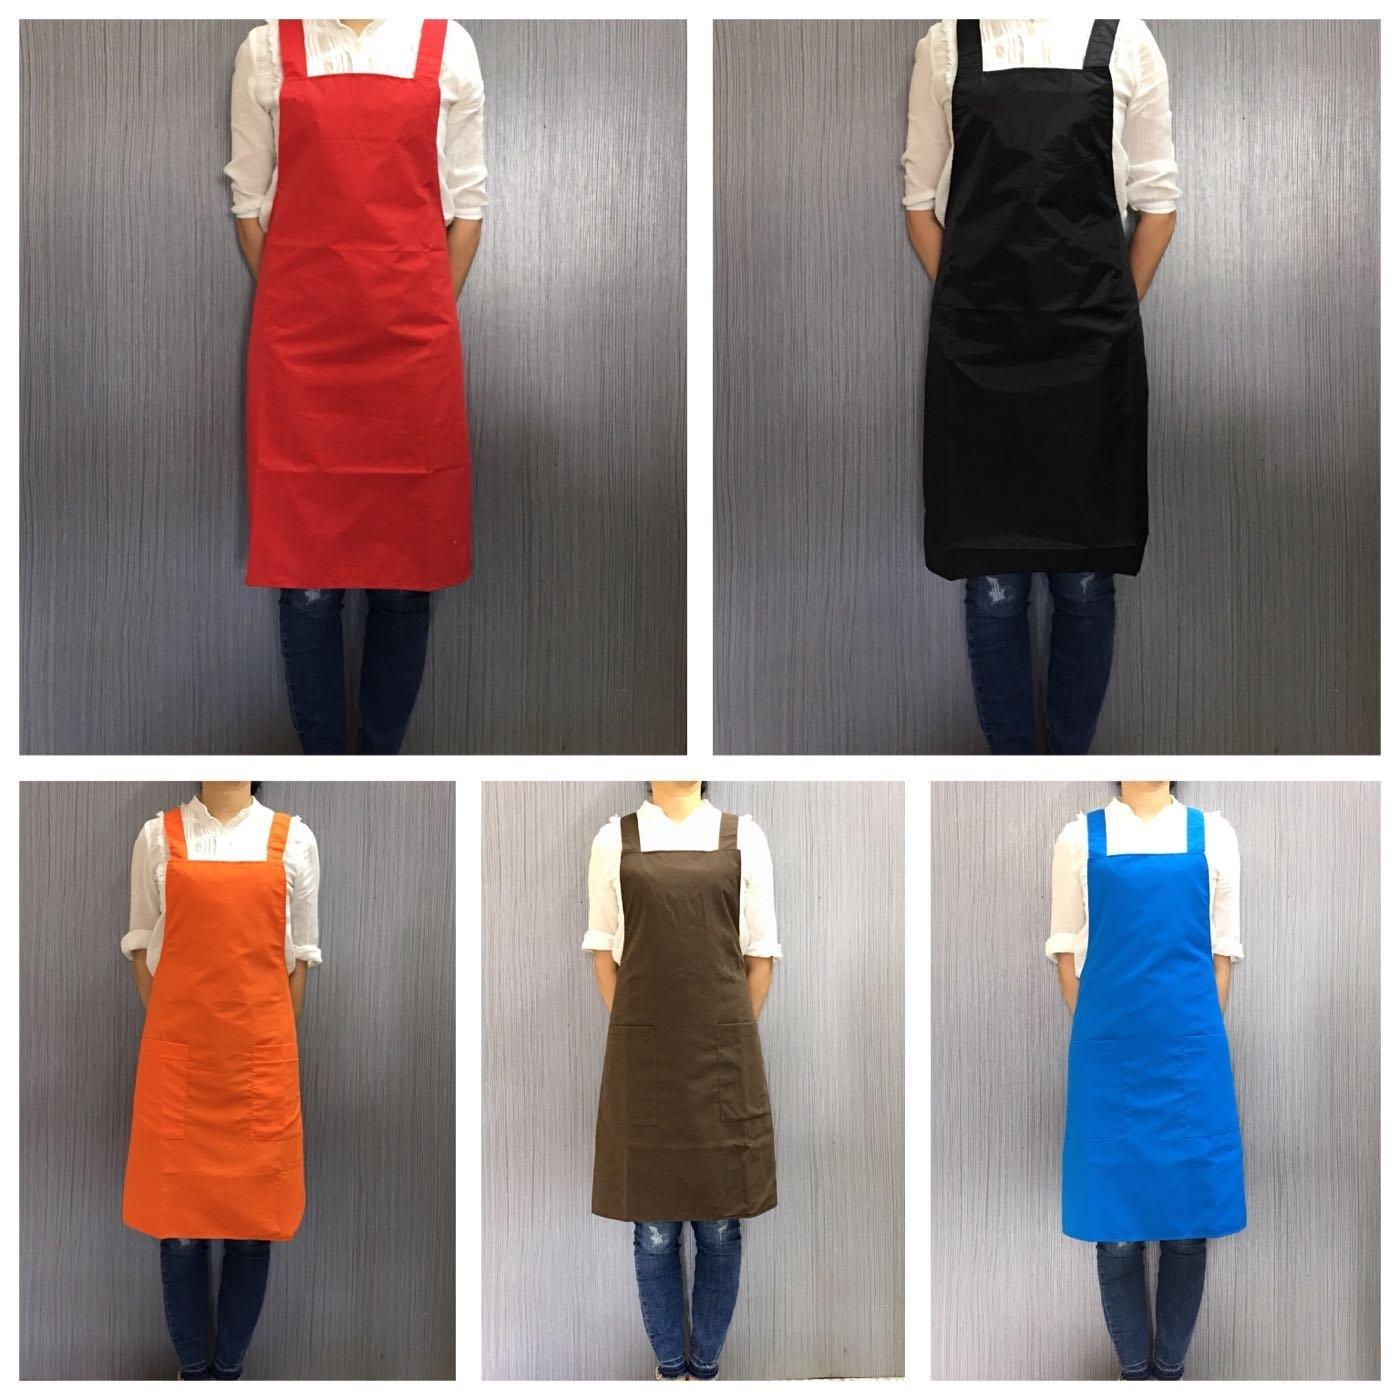 巨星 日本款H型綁帶圍裙 雙層兩口袋 工廠直銷 台灣製 (可代印刷電繡)